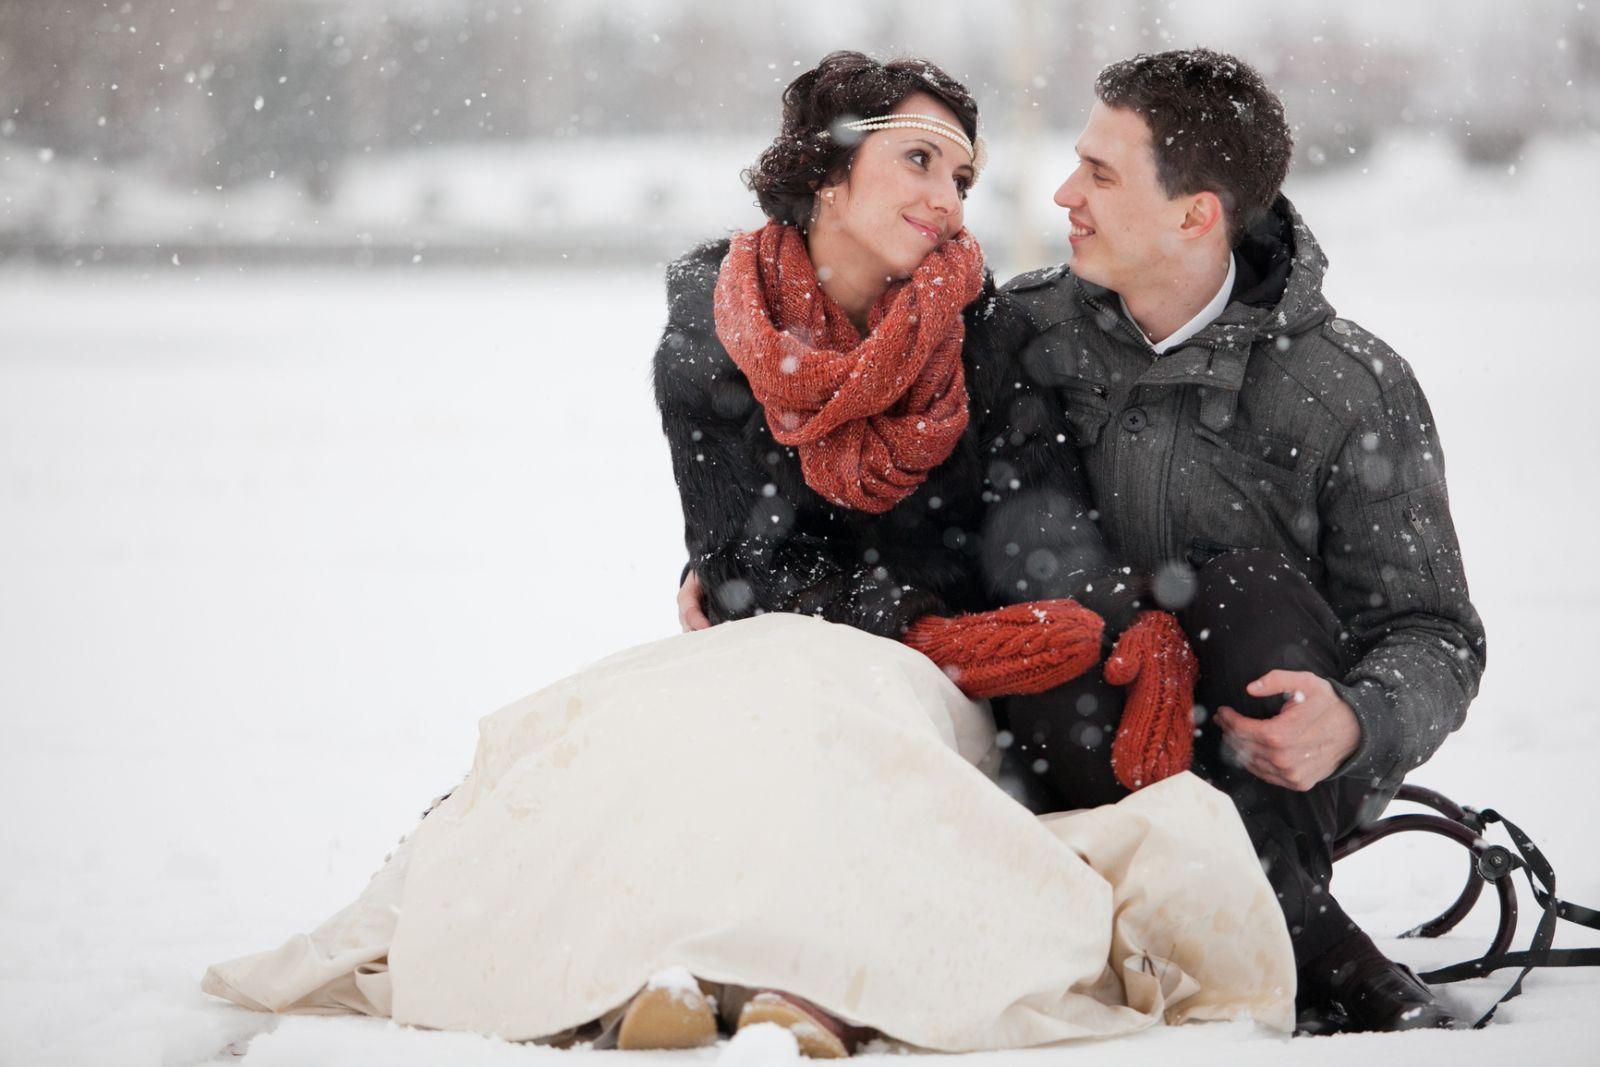 Свадьба зимой: что надеть? - фото №1